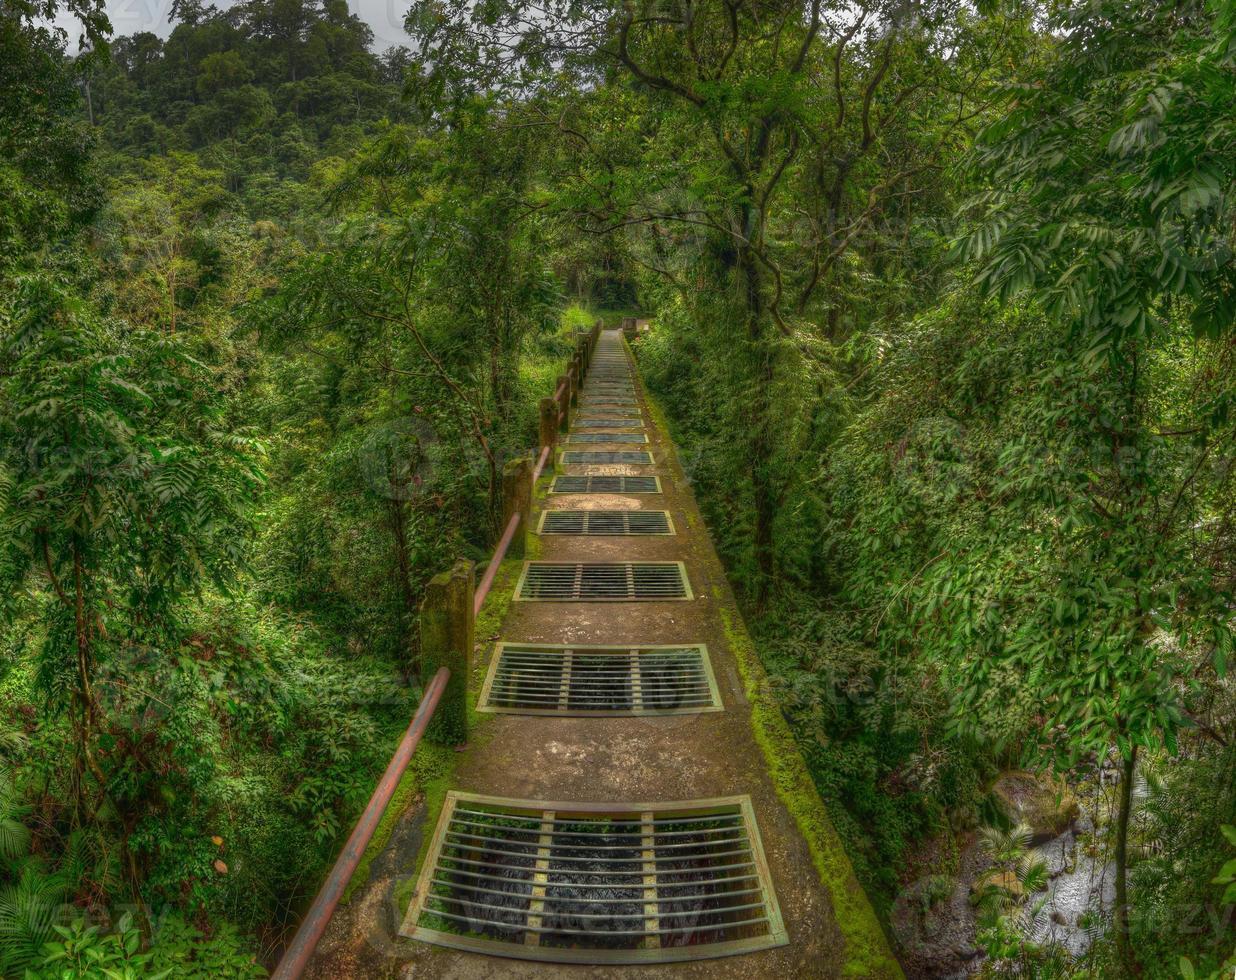 Brücke in den Dschungel. foto